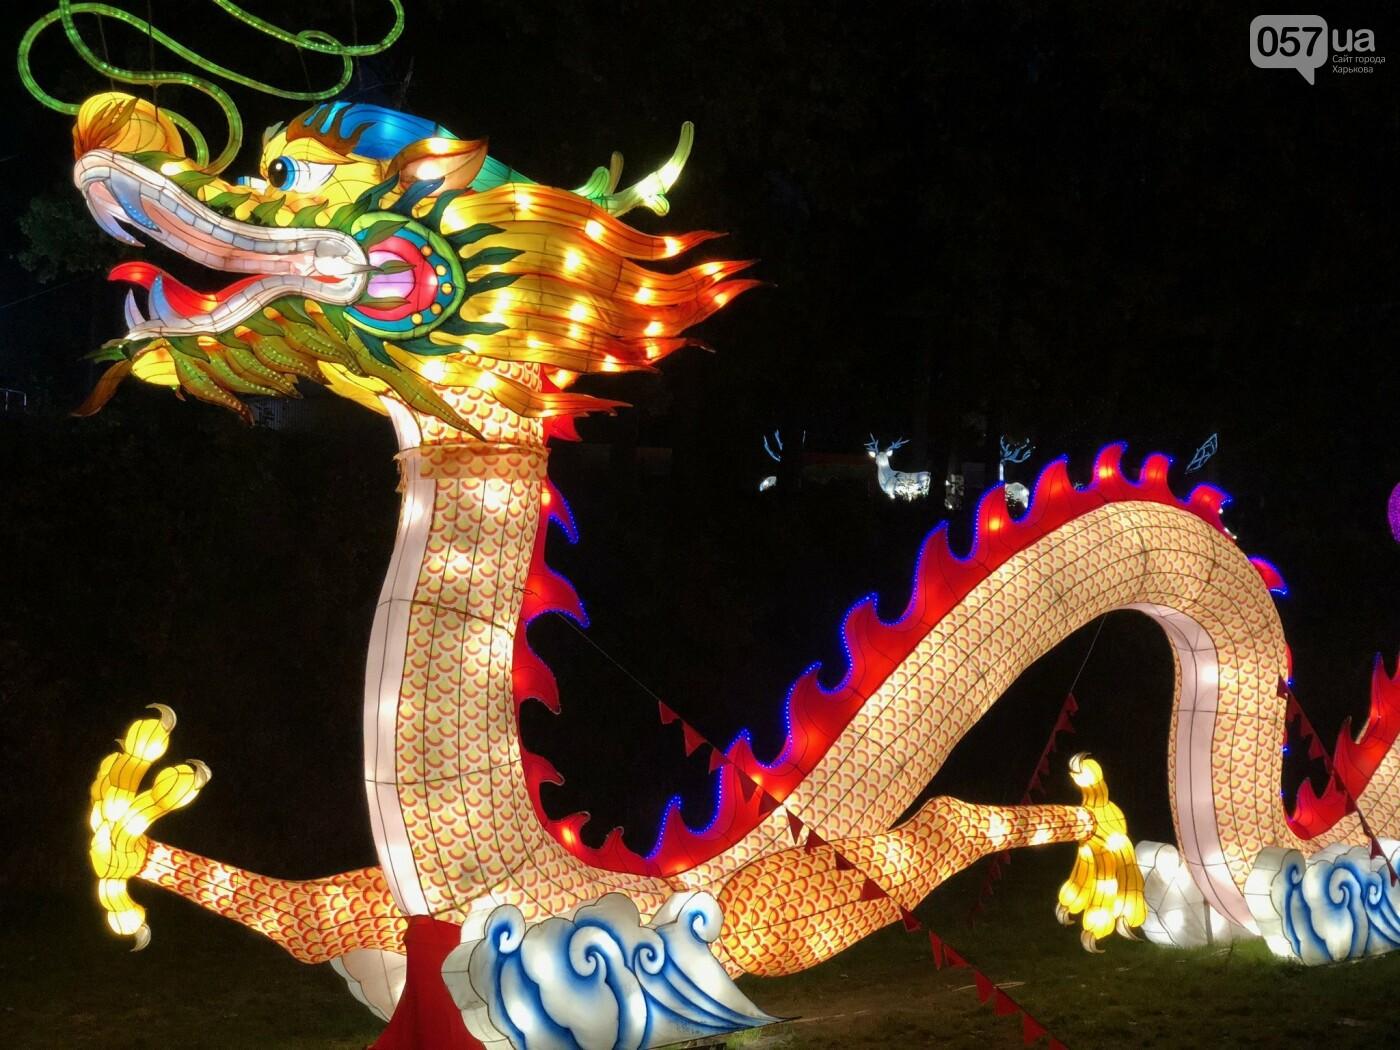 Харьков зажигает огни: что ждет посетителей Фестиваля гигантских китайских фонарей, фото-3